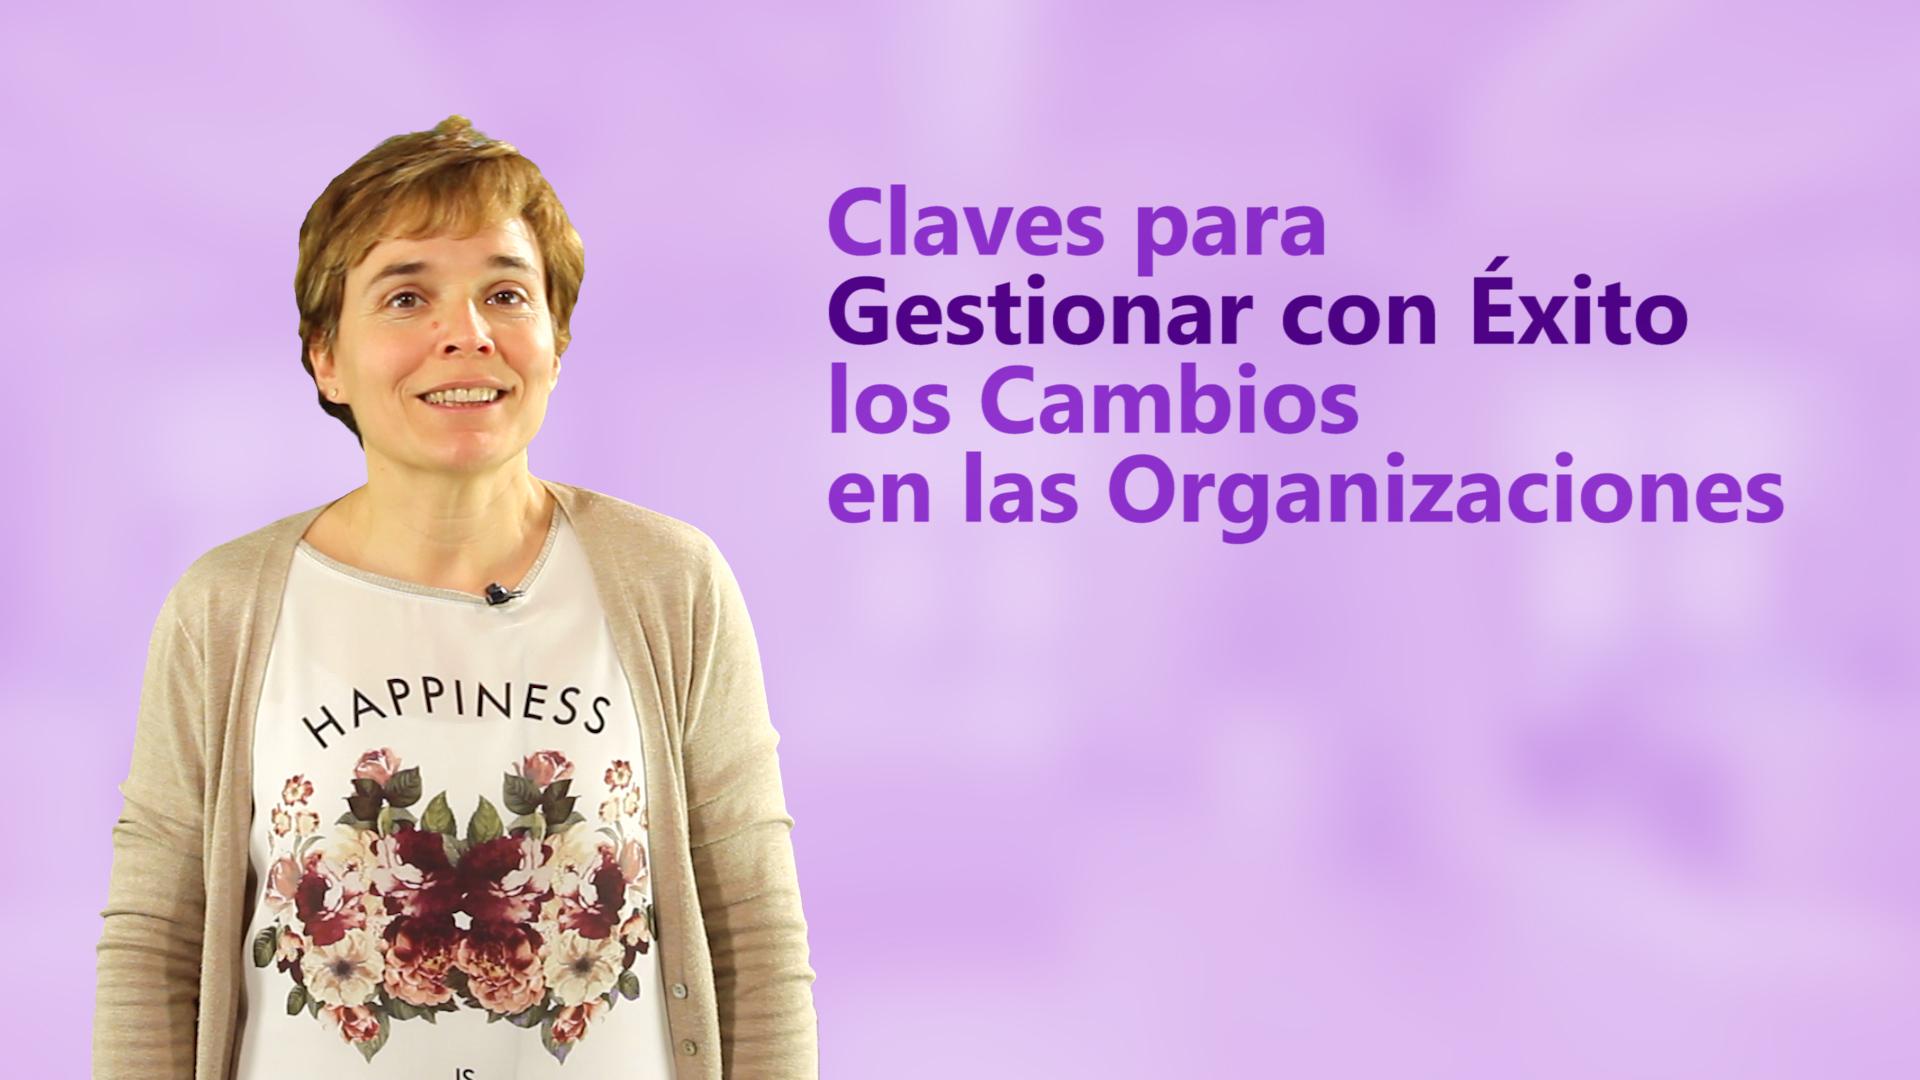 Curso de Claves para Gestionar con Éxito los Cambios en las Organizaciones